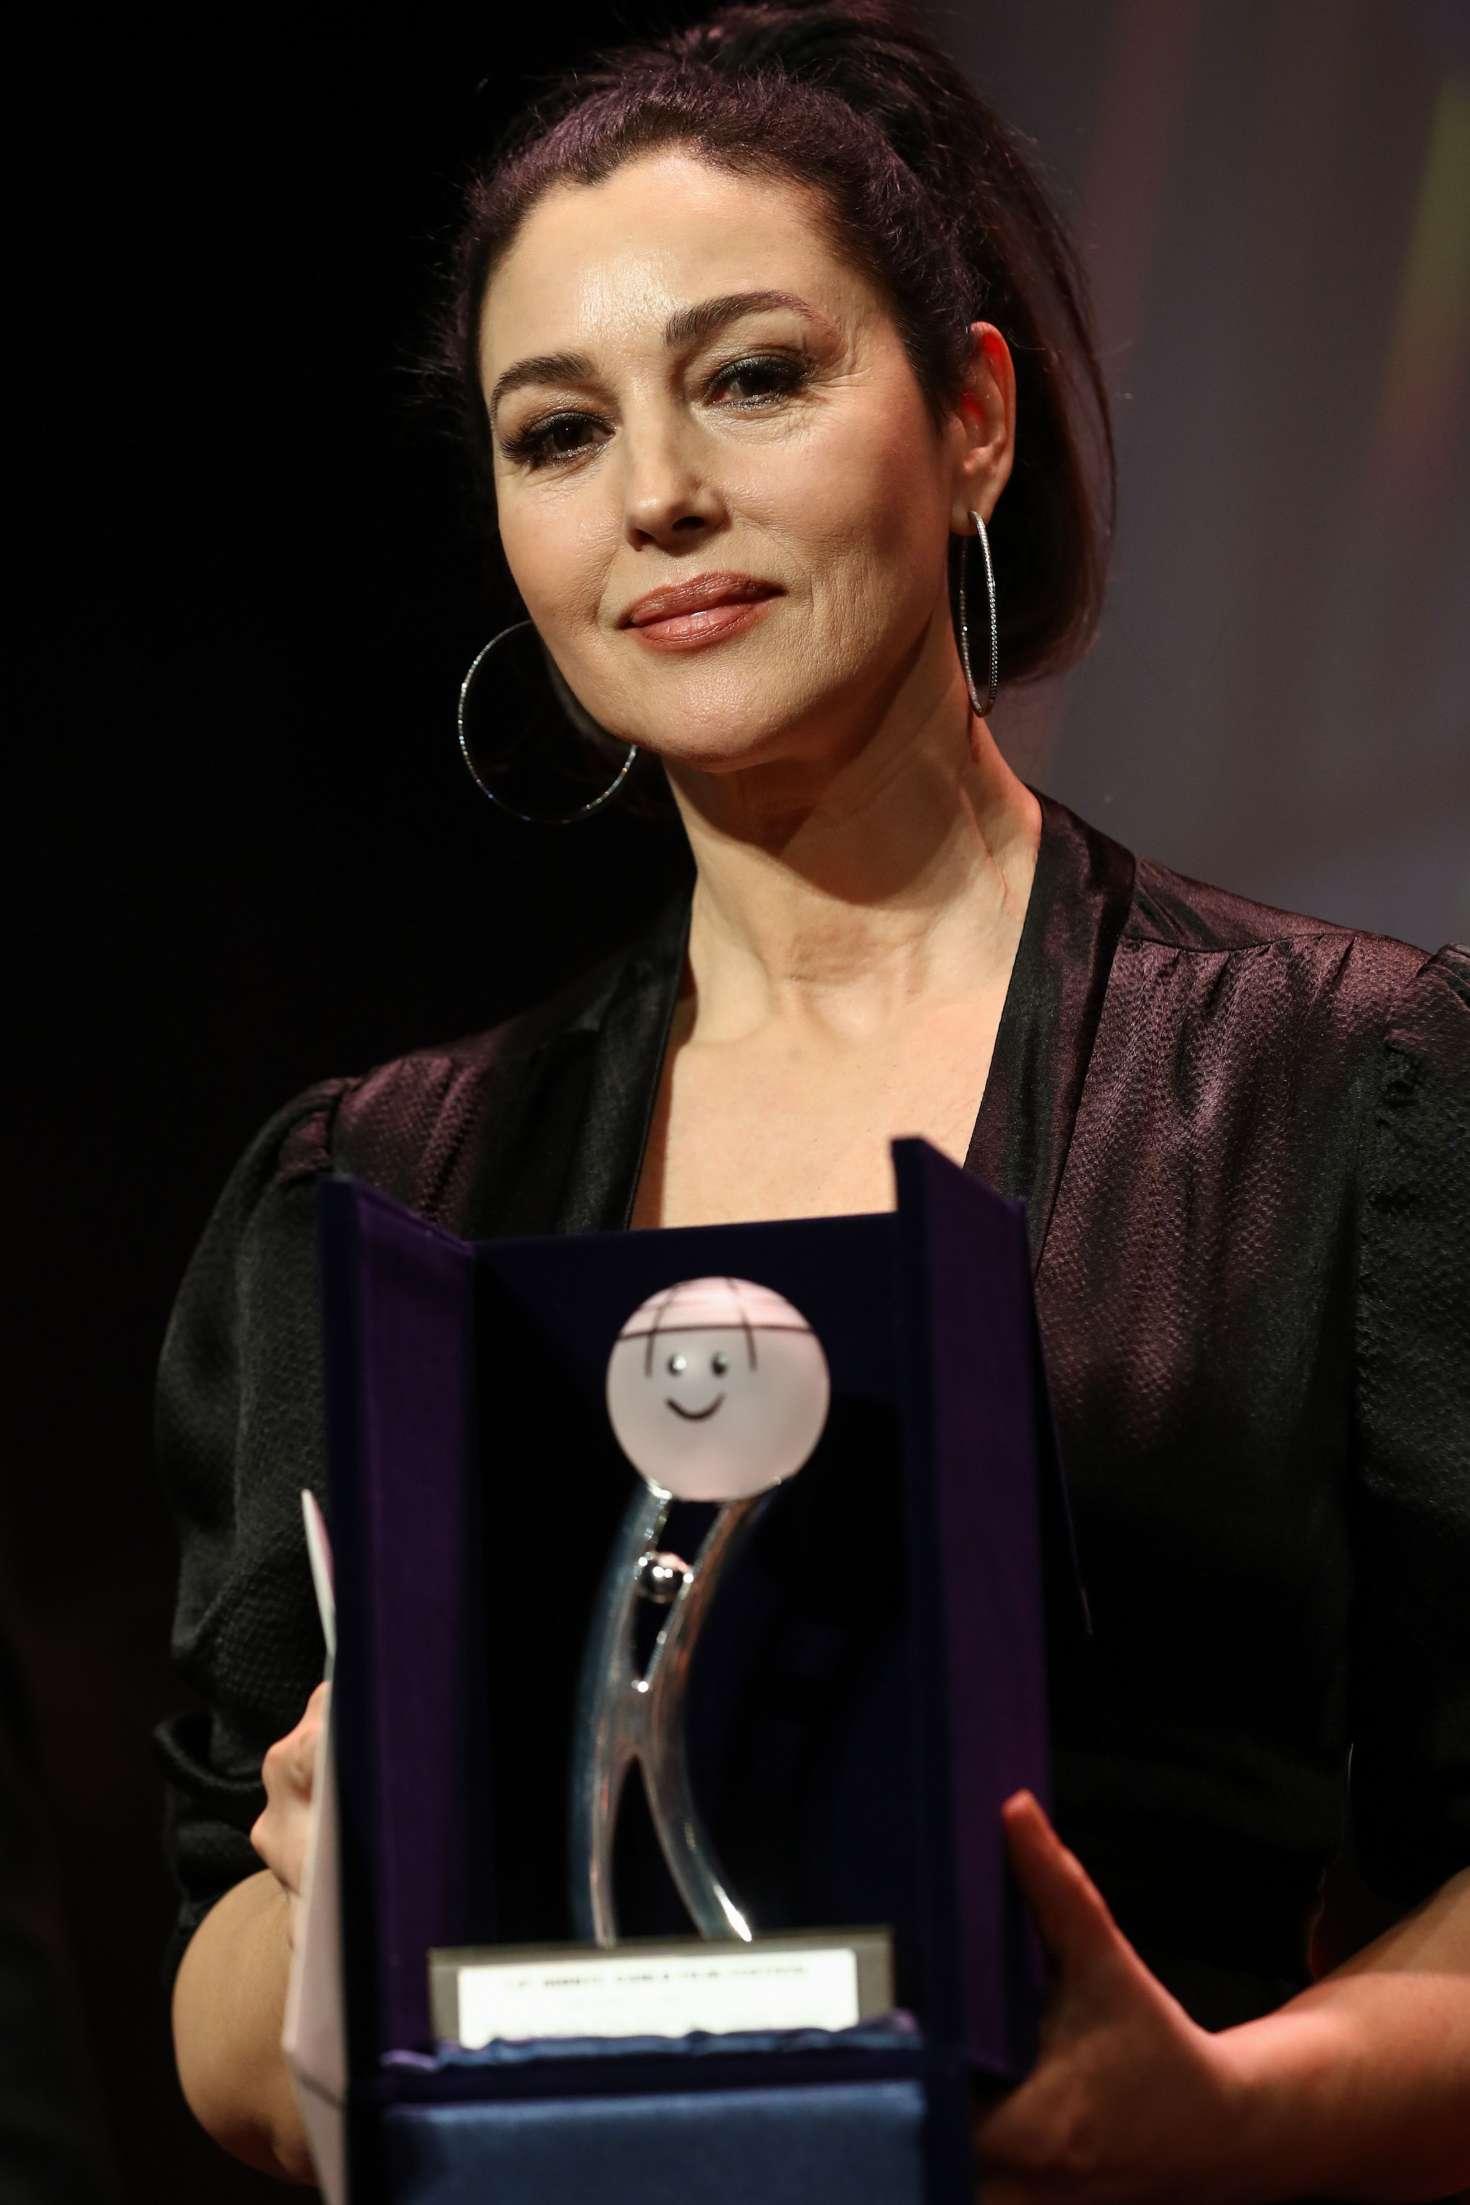 Monica Bellucci - Monte Carlo Film Festival of the Comedy Gala Dinner inMonaco